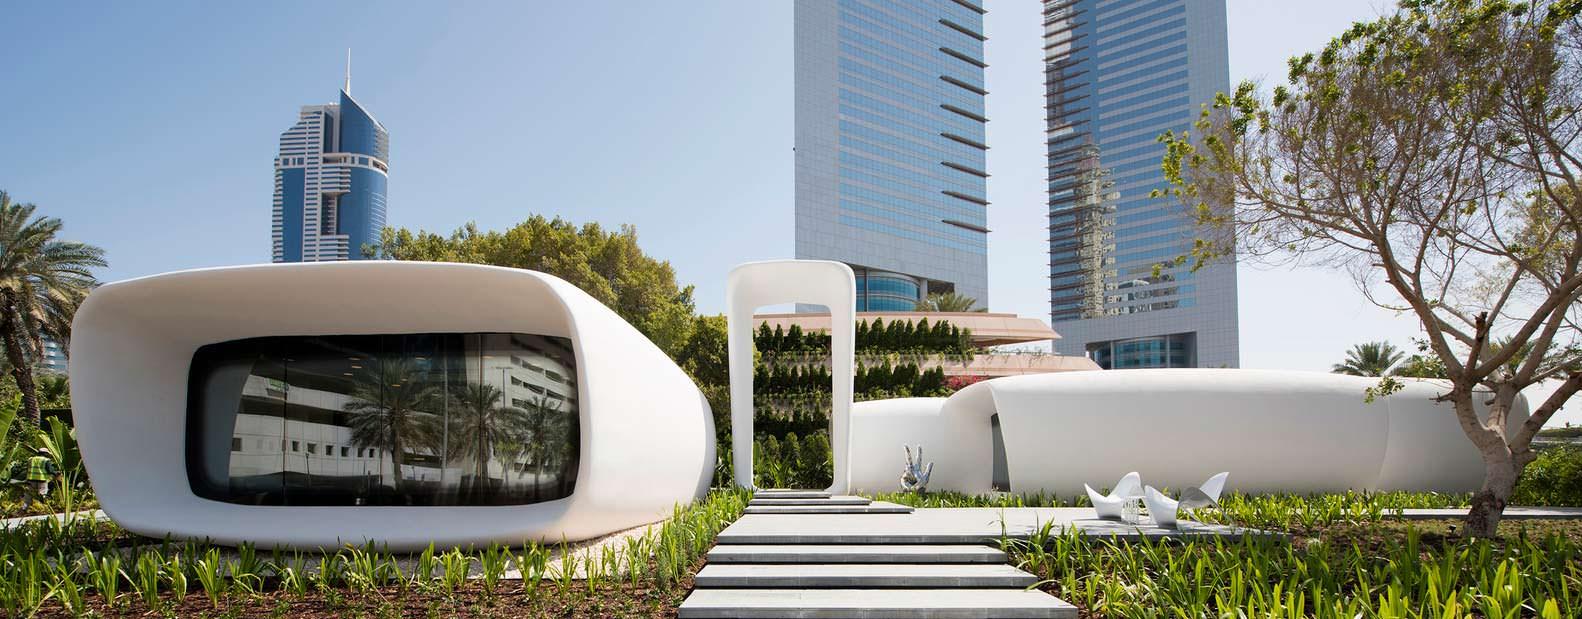 Офис будущего Dubai Future Foundation